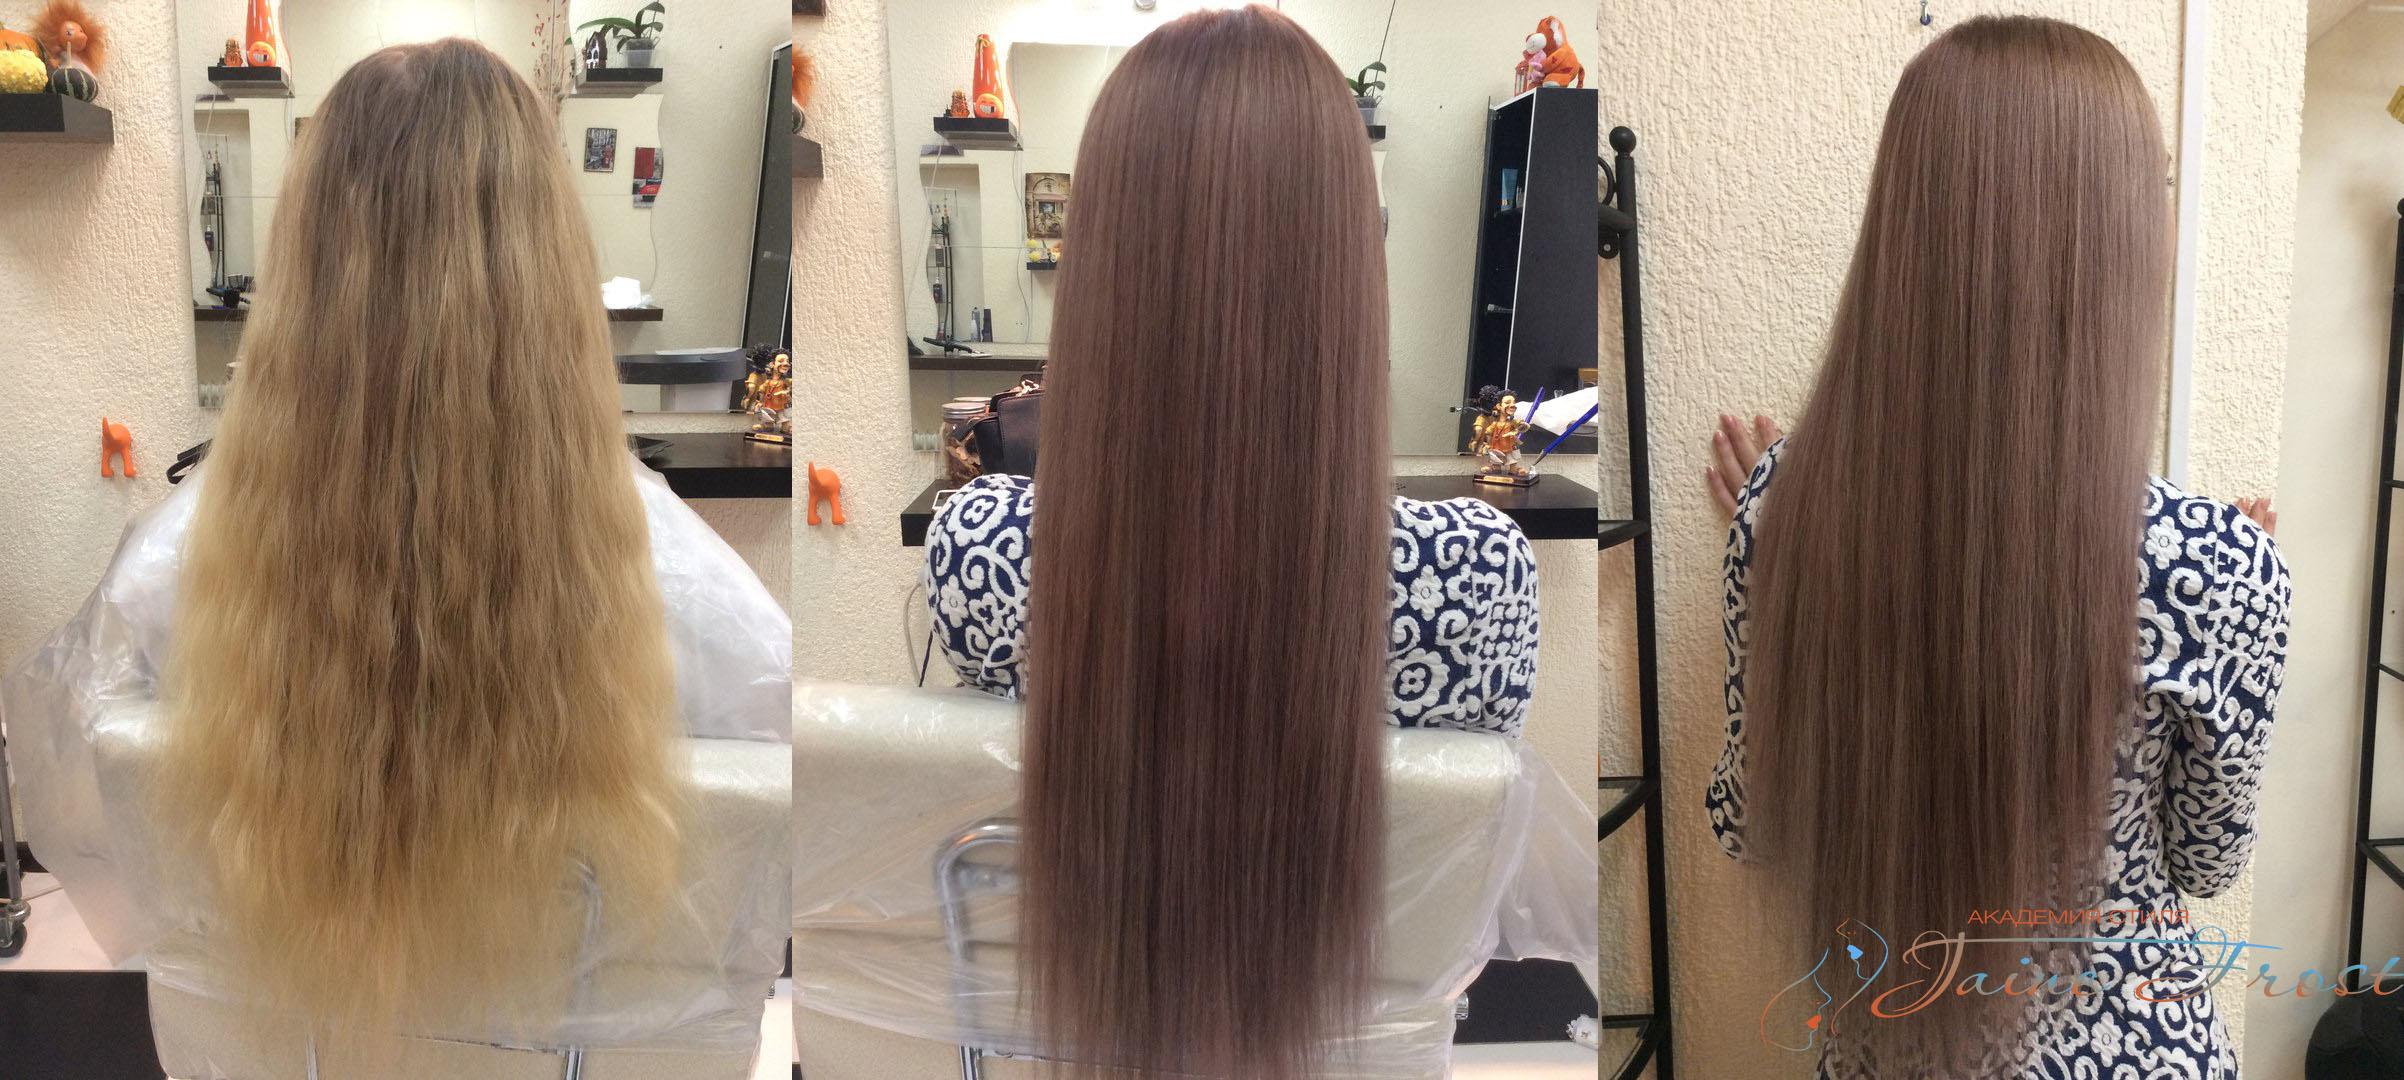 Как осветлить кончики волос в домашних условиях фото